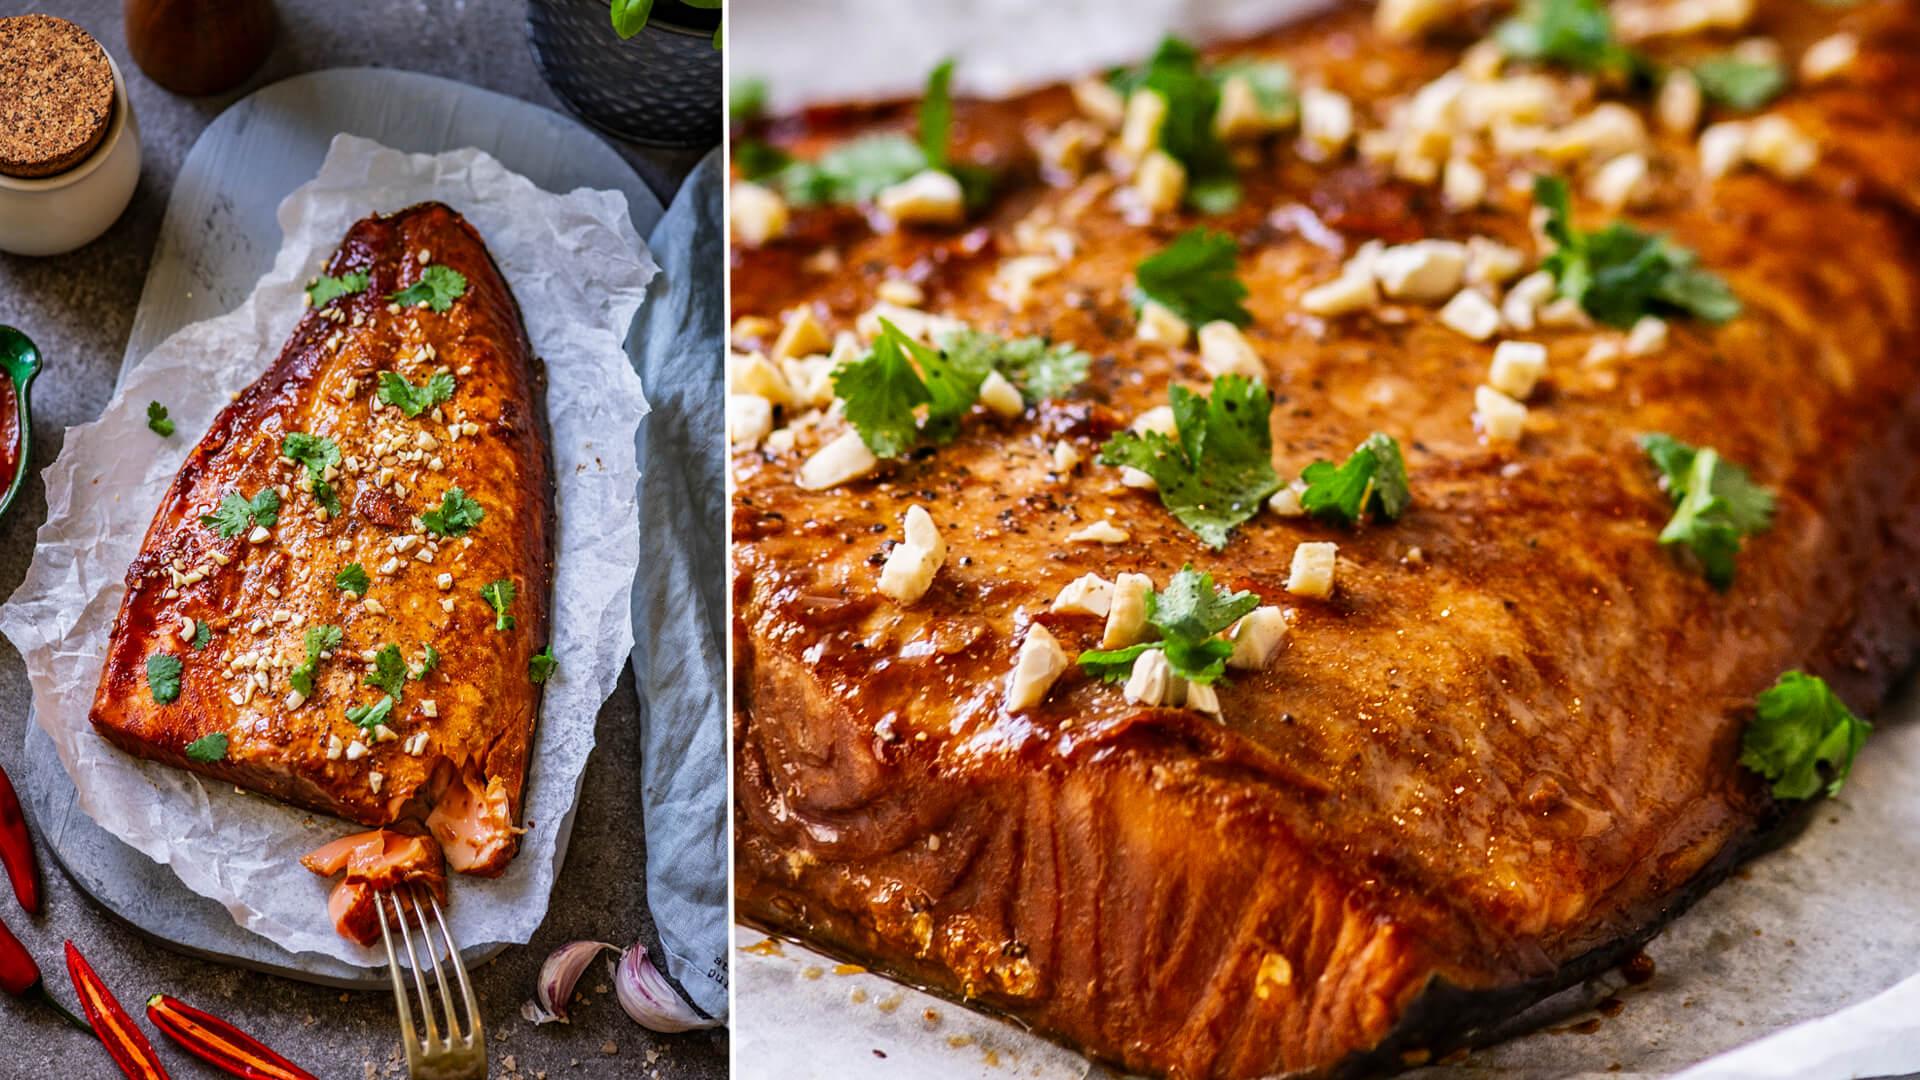 Филе лосося на гриле в остром маринаде